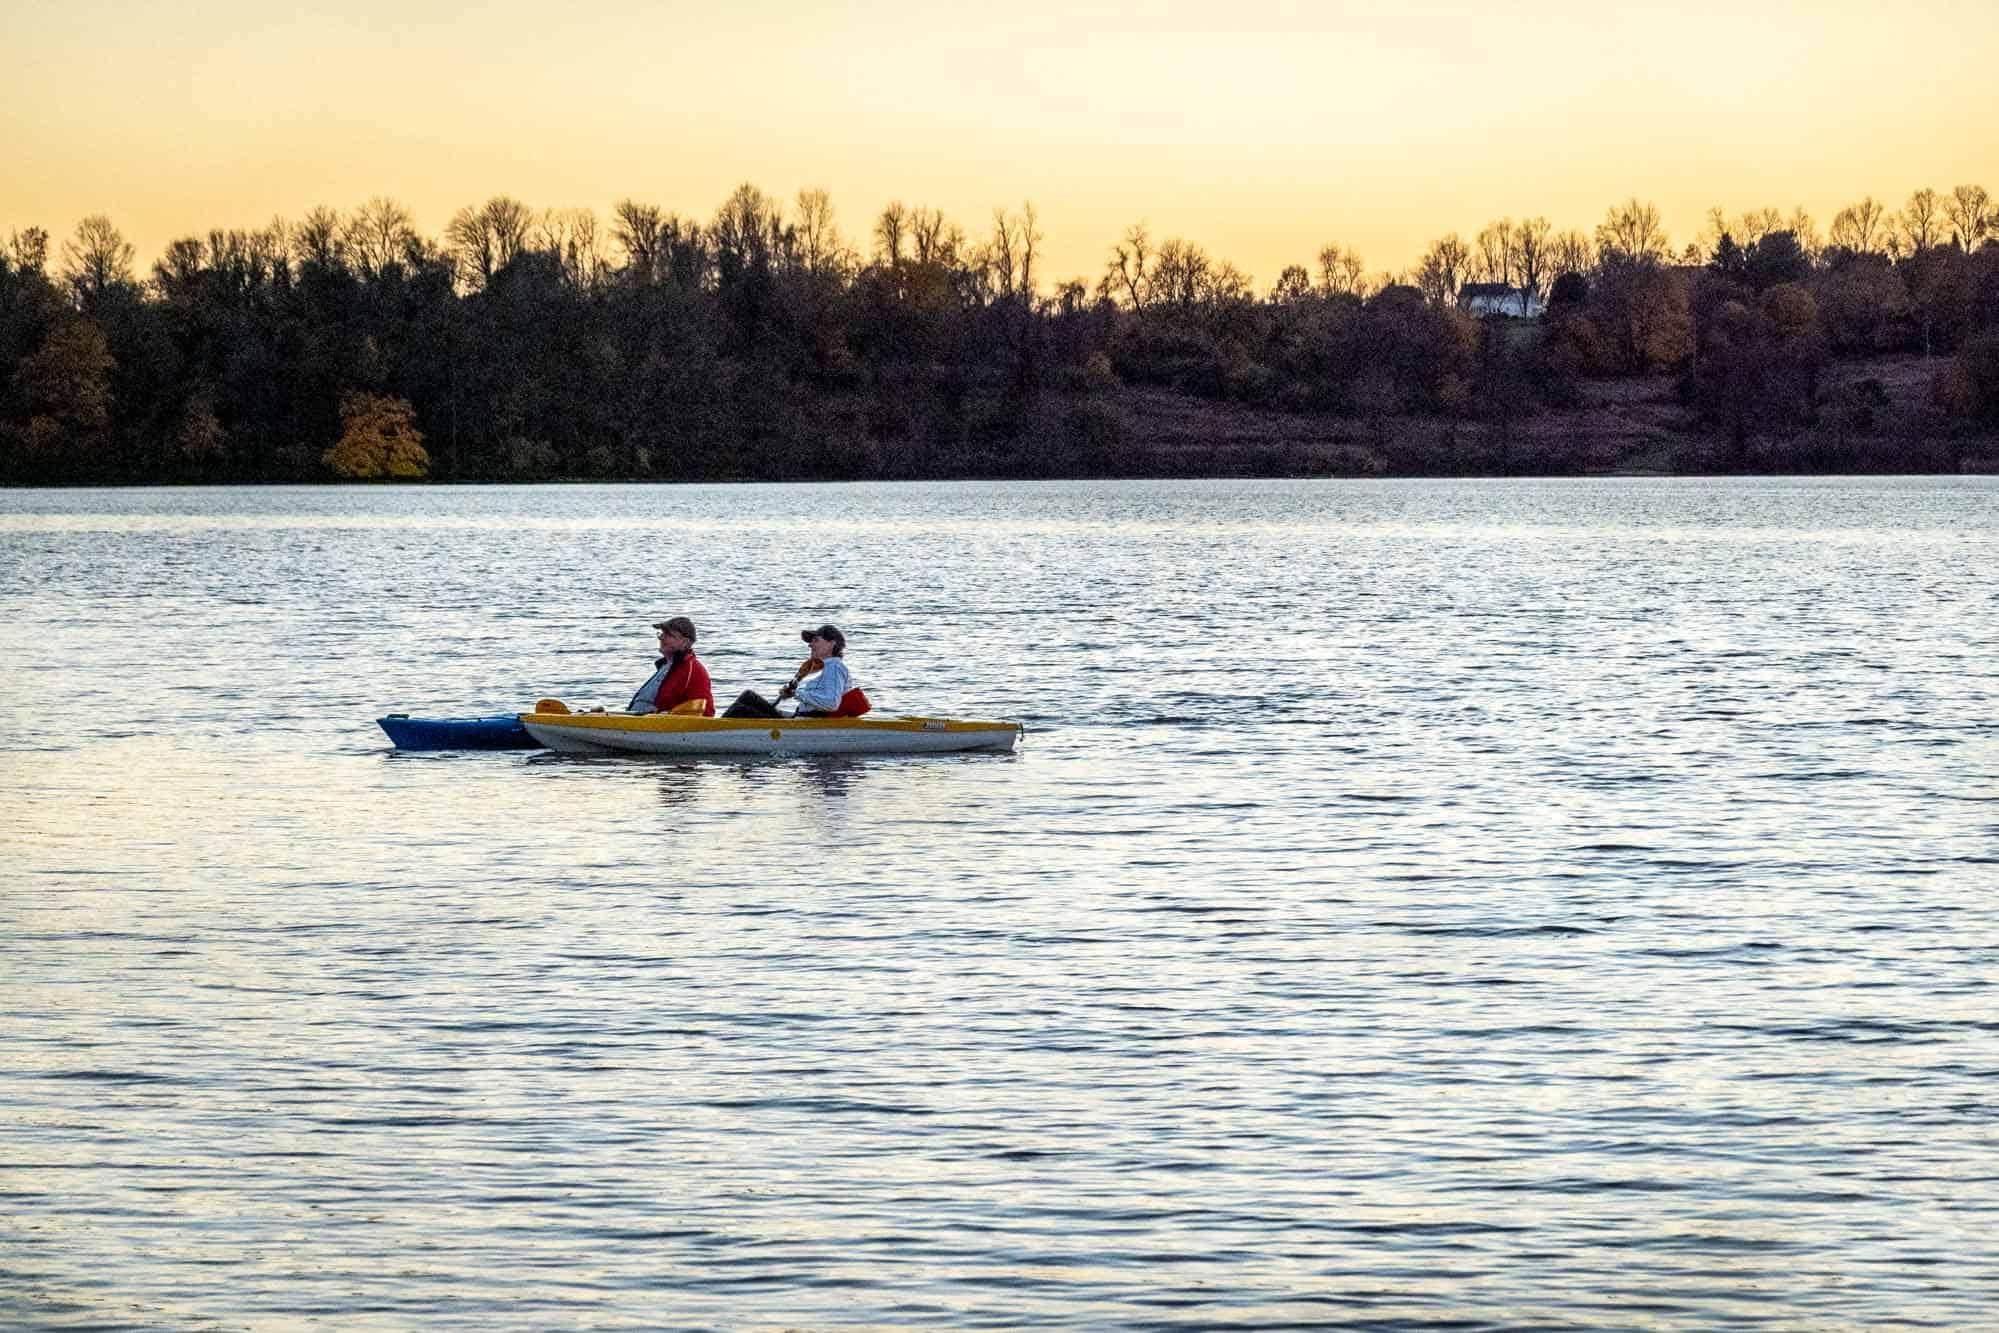 Kayakers on Marsh Creek Lake